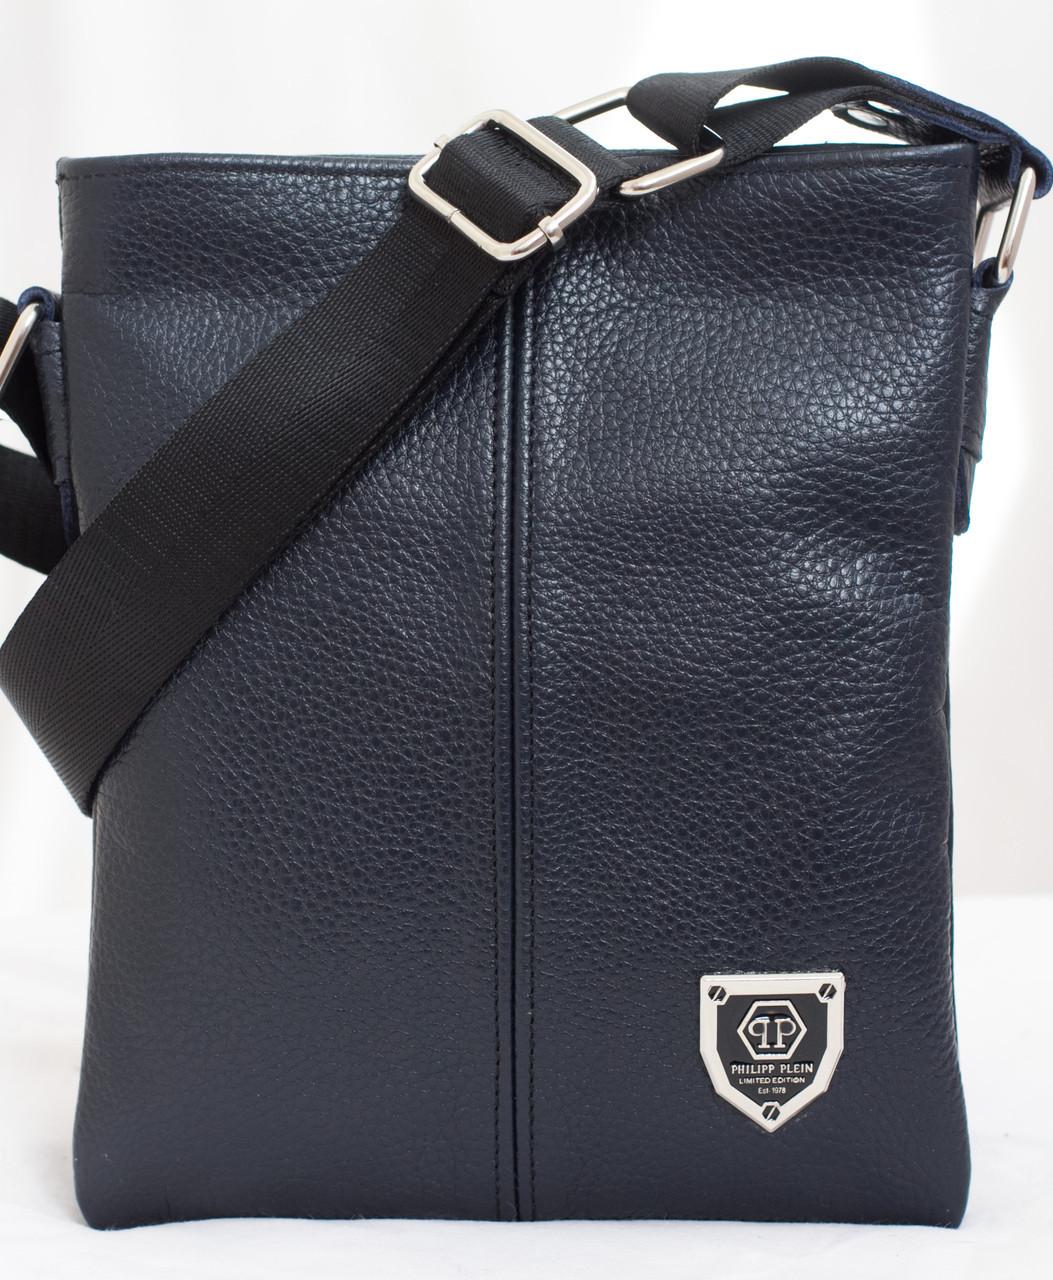 Синяя кожанная мужская сумка Philipp Plein 22х18 см. Мужская сумка из натуральной кожи